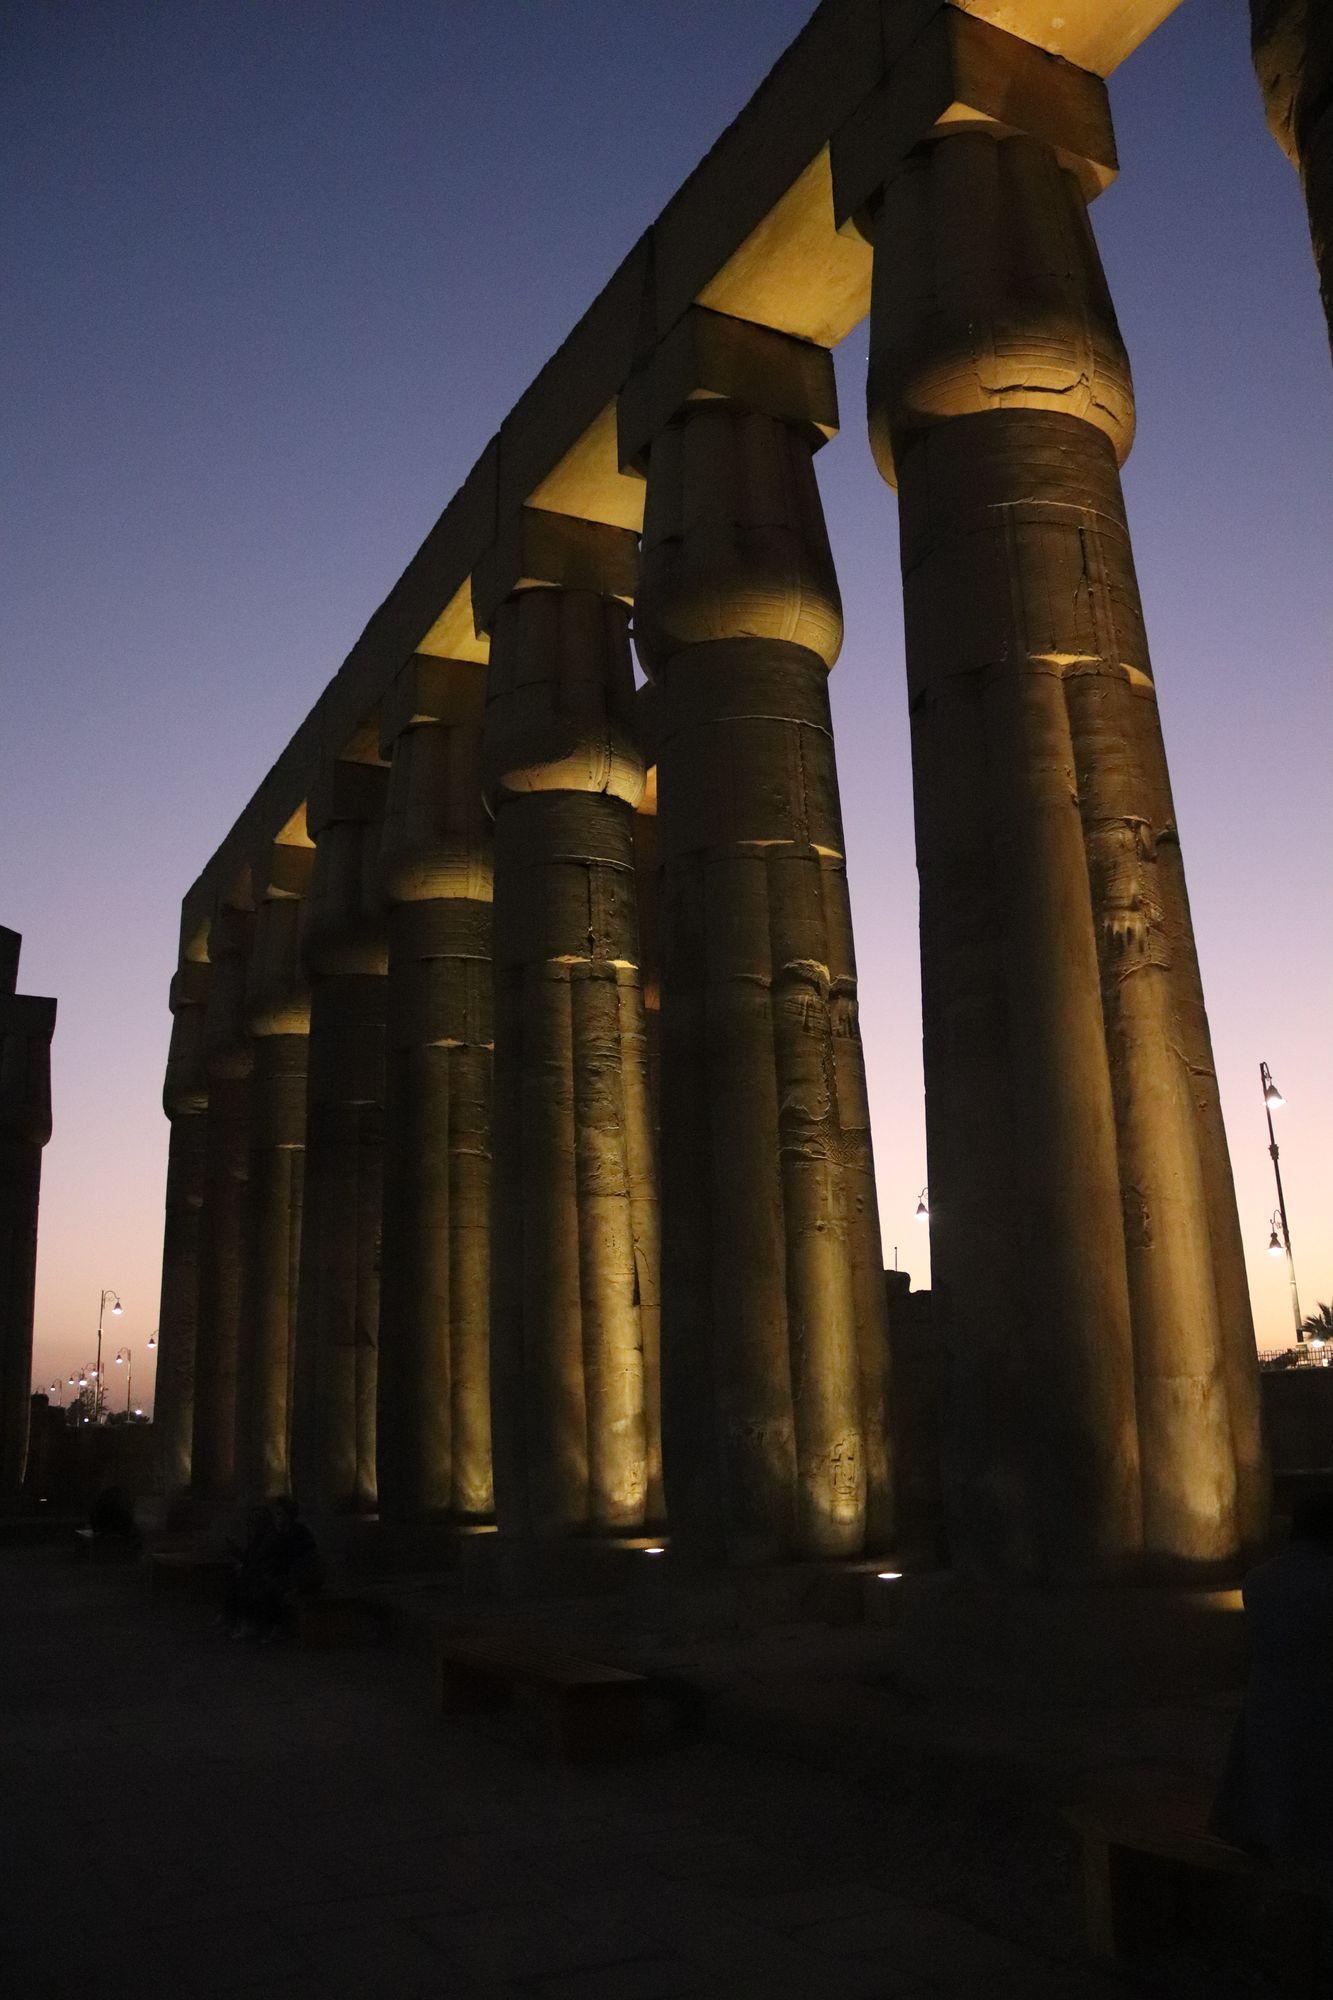 Antiguo Egipto - Templo de Amón en Luxor - Egiptología